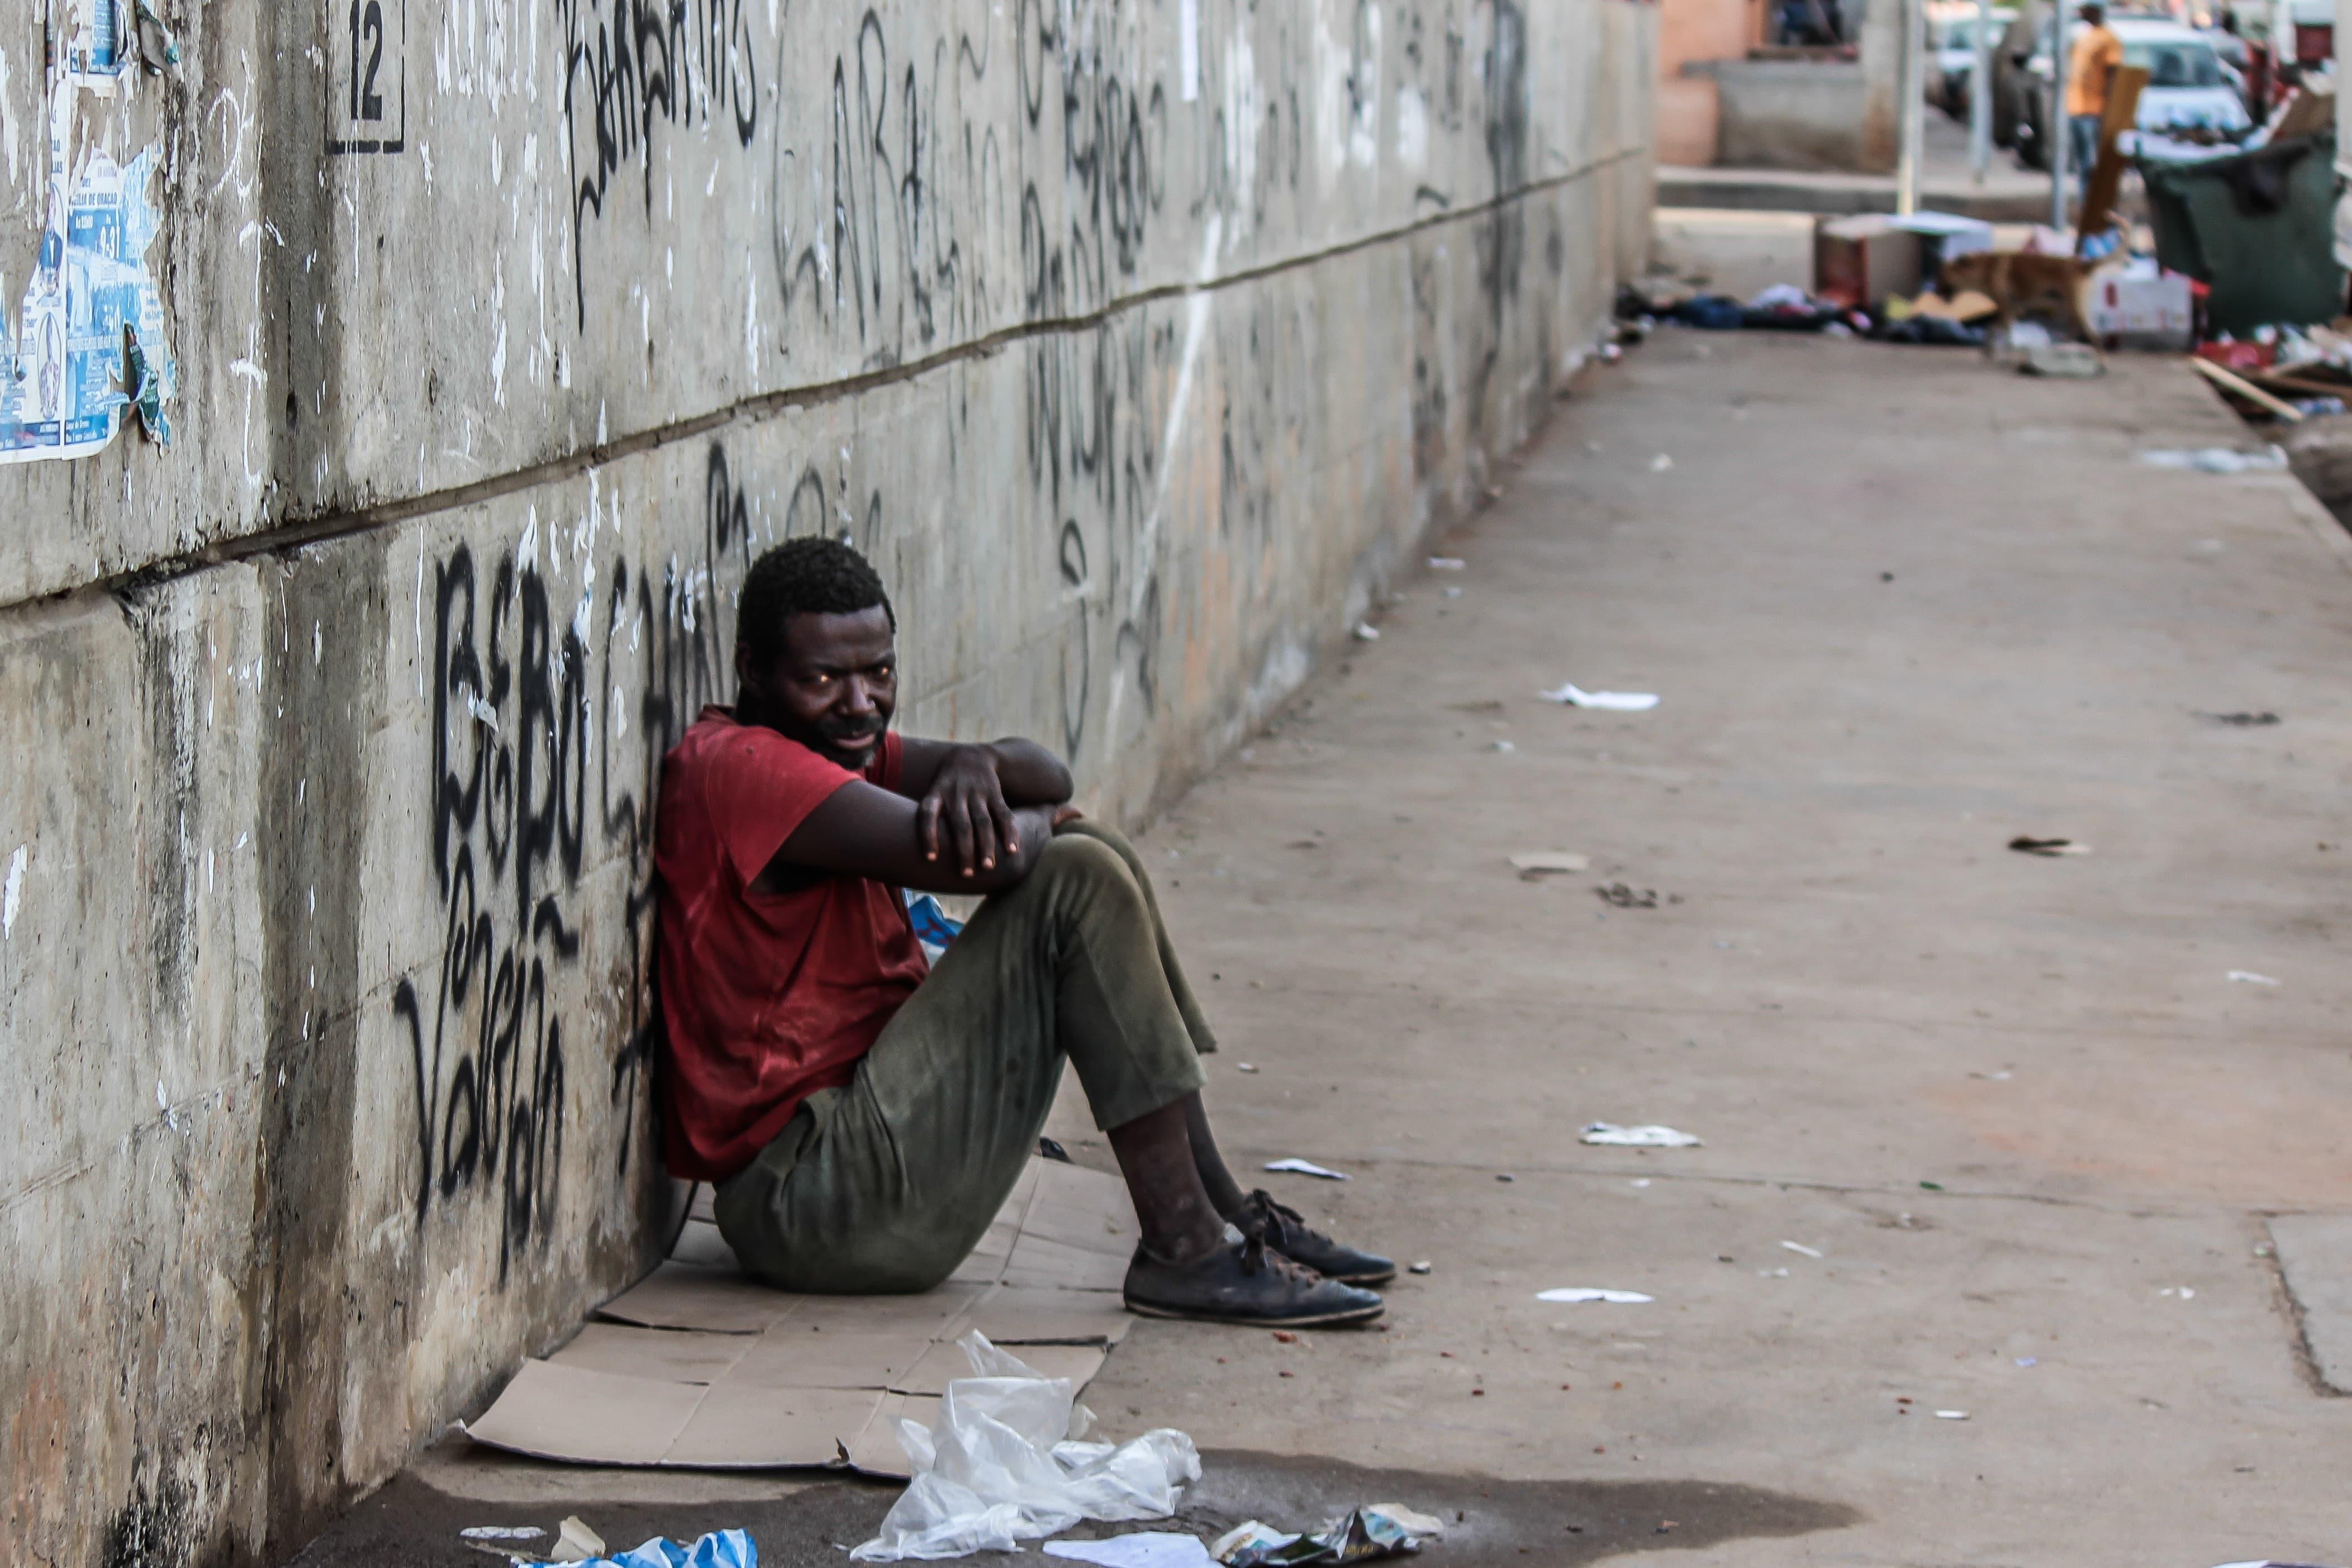 Segundo o IBGE, em 2019, o Brasil teve aumento do número de pessoas na miserabilidade: 13,5 milhões de pessoas vivem em condições sub humanas.